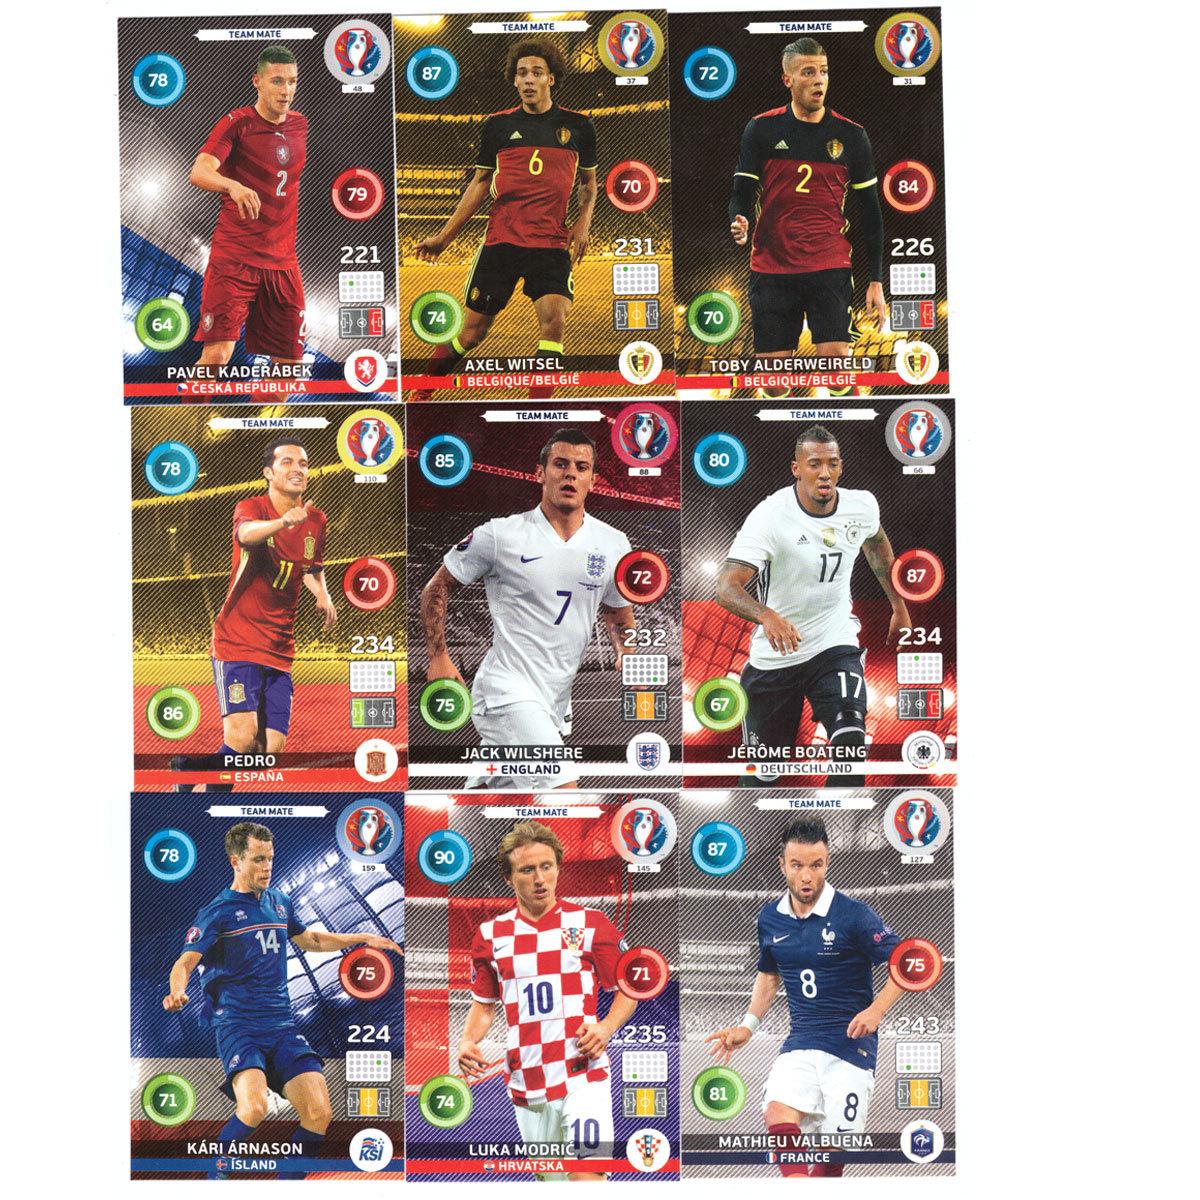 Спортивные карточки. Футбол. Базовый сет. Набор 135 шт. PANINI Евро 2016. Adrenalyn XL